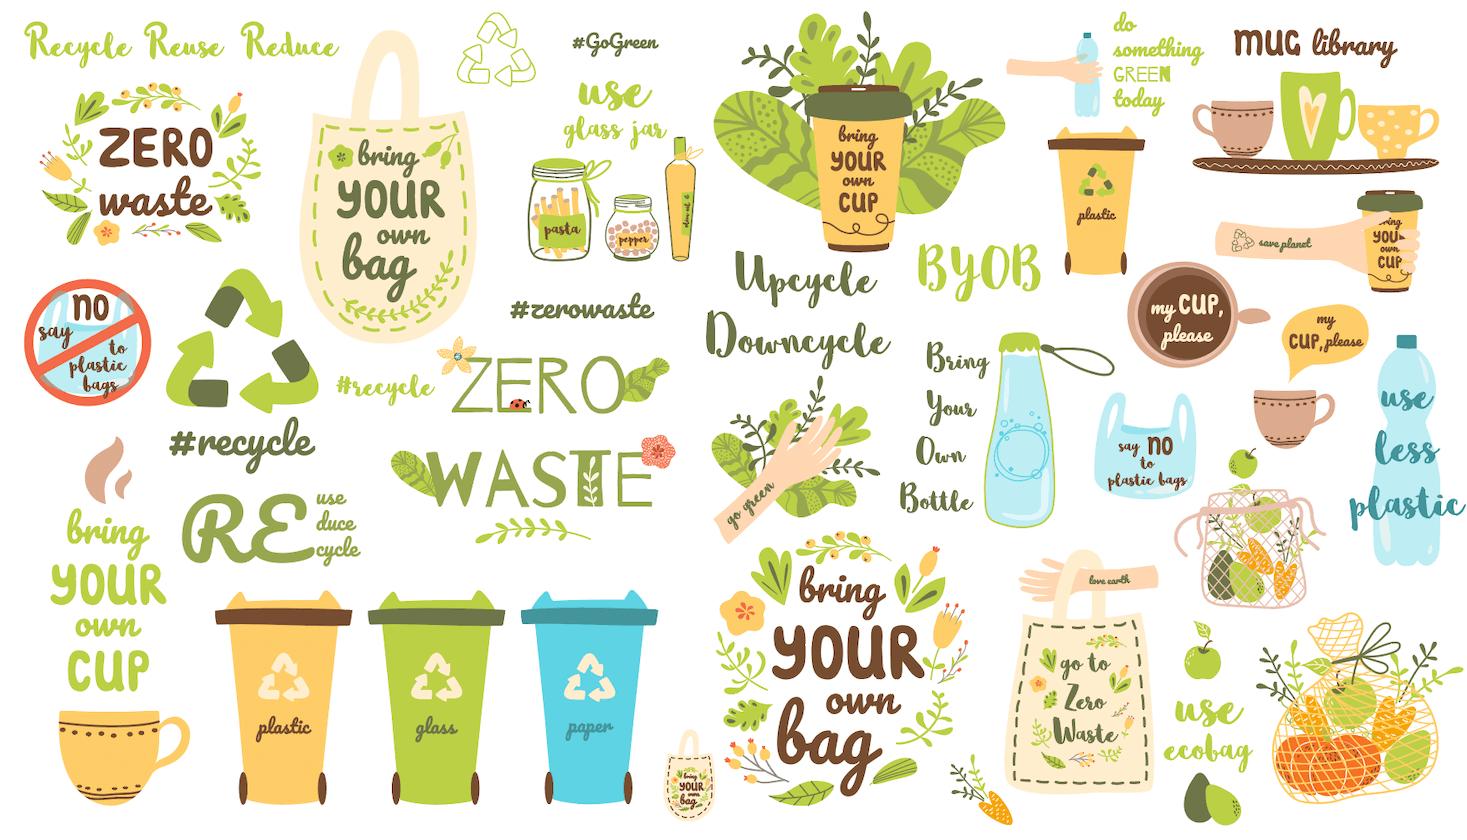 Zero waste graphics